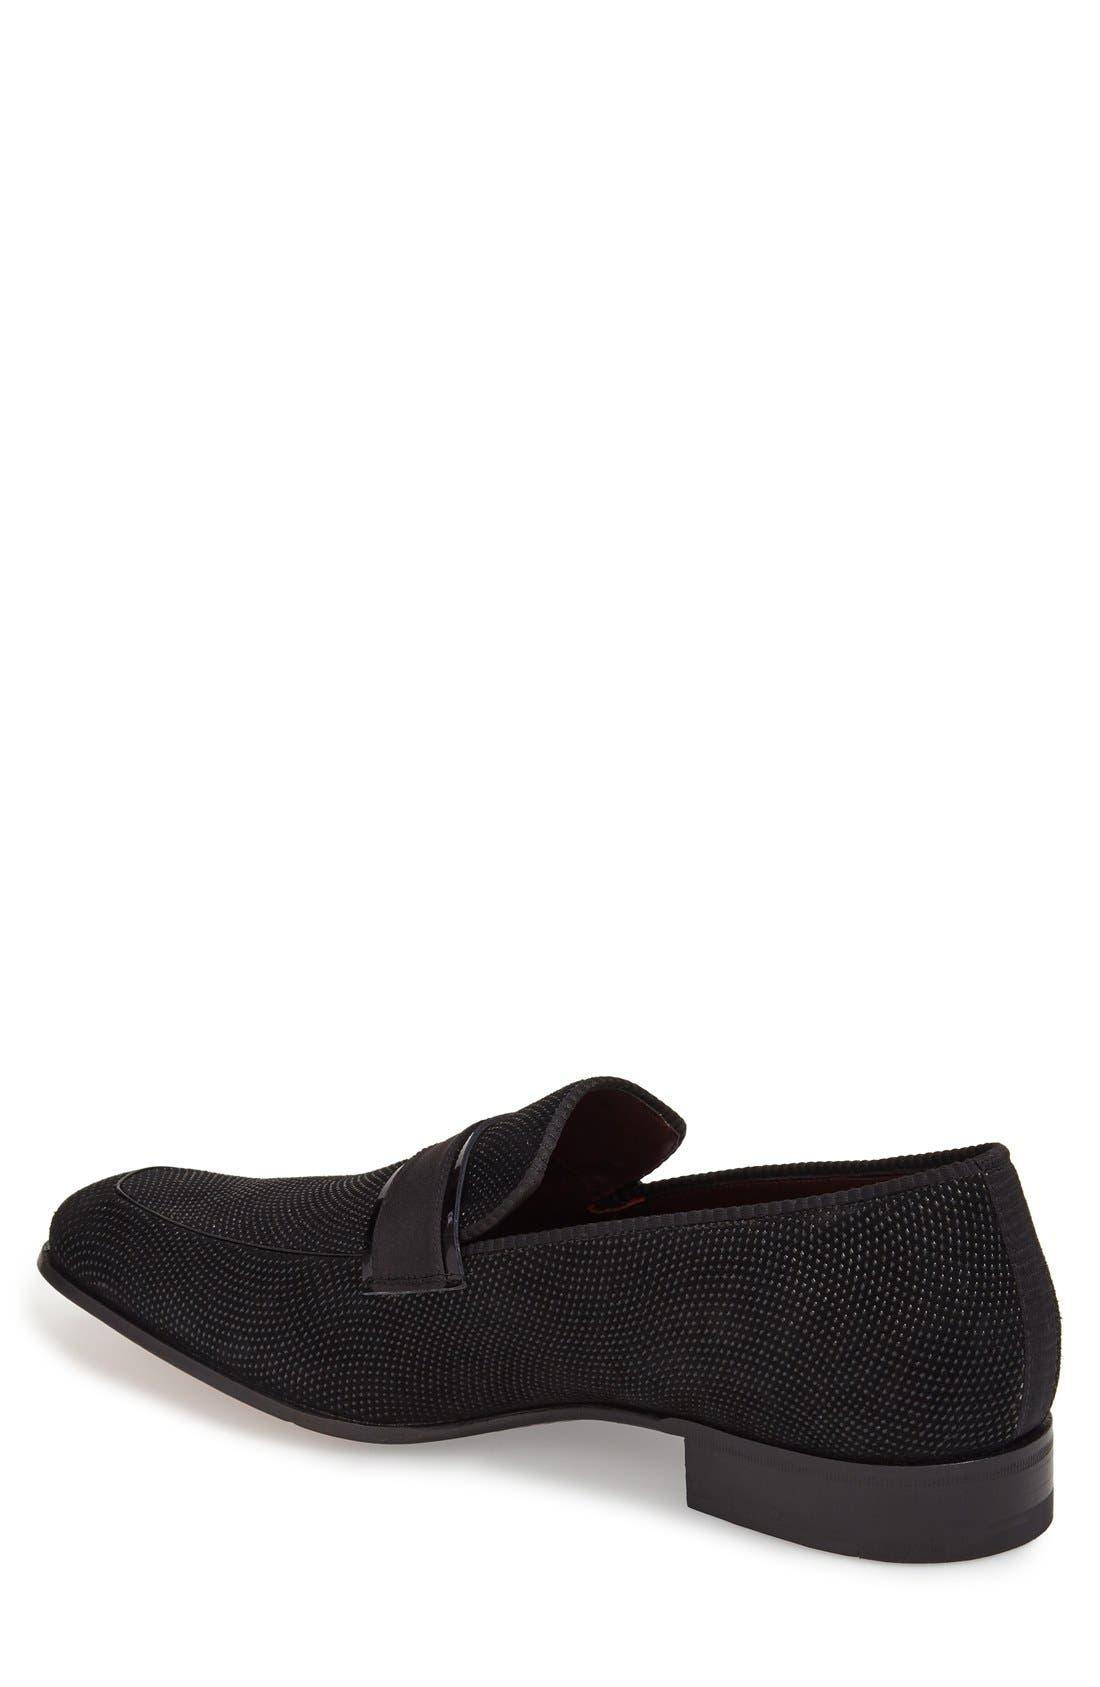 MEZLAN, 'Capizzi' Venetian Loafer, Alternate thumbnail 3, color, BLACK